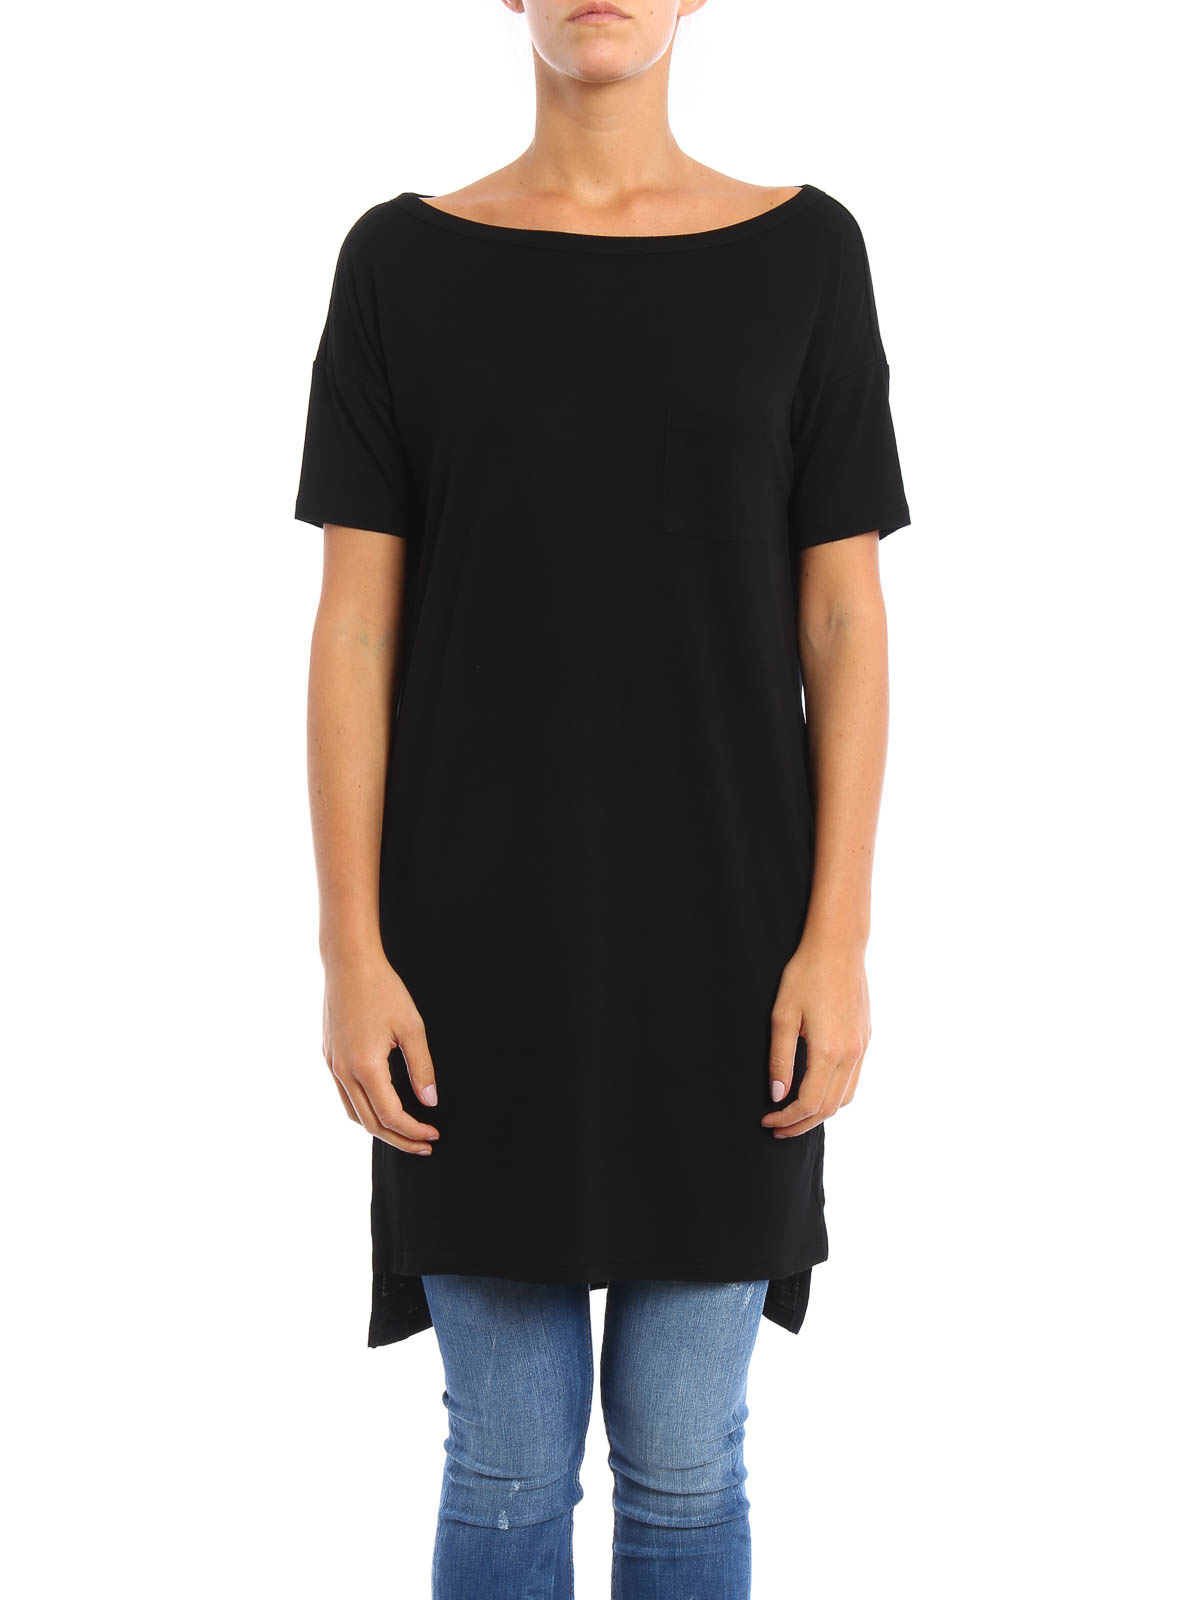 talexander wang - kurzes kleid - schwarz - kurze kleider